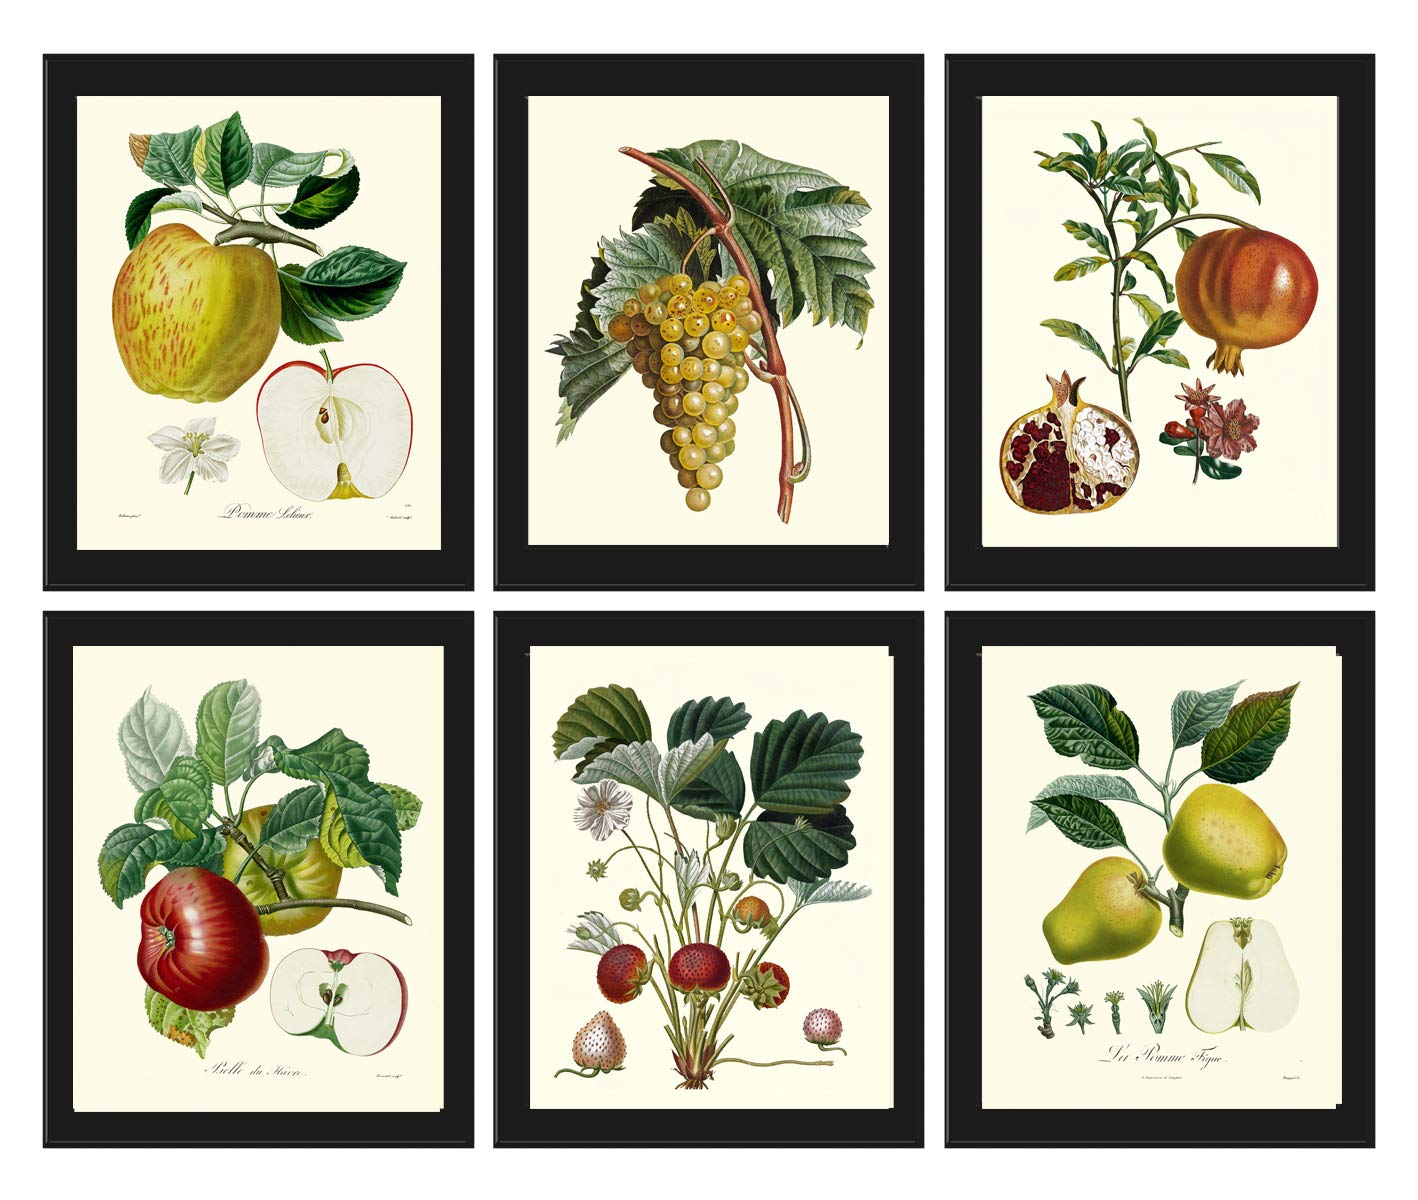 APPLES ILLUSTRATION FRUIT ART PRINT Home Kitchen Decor Antique Style Picture